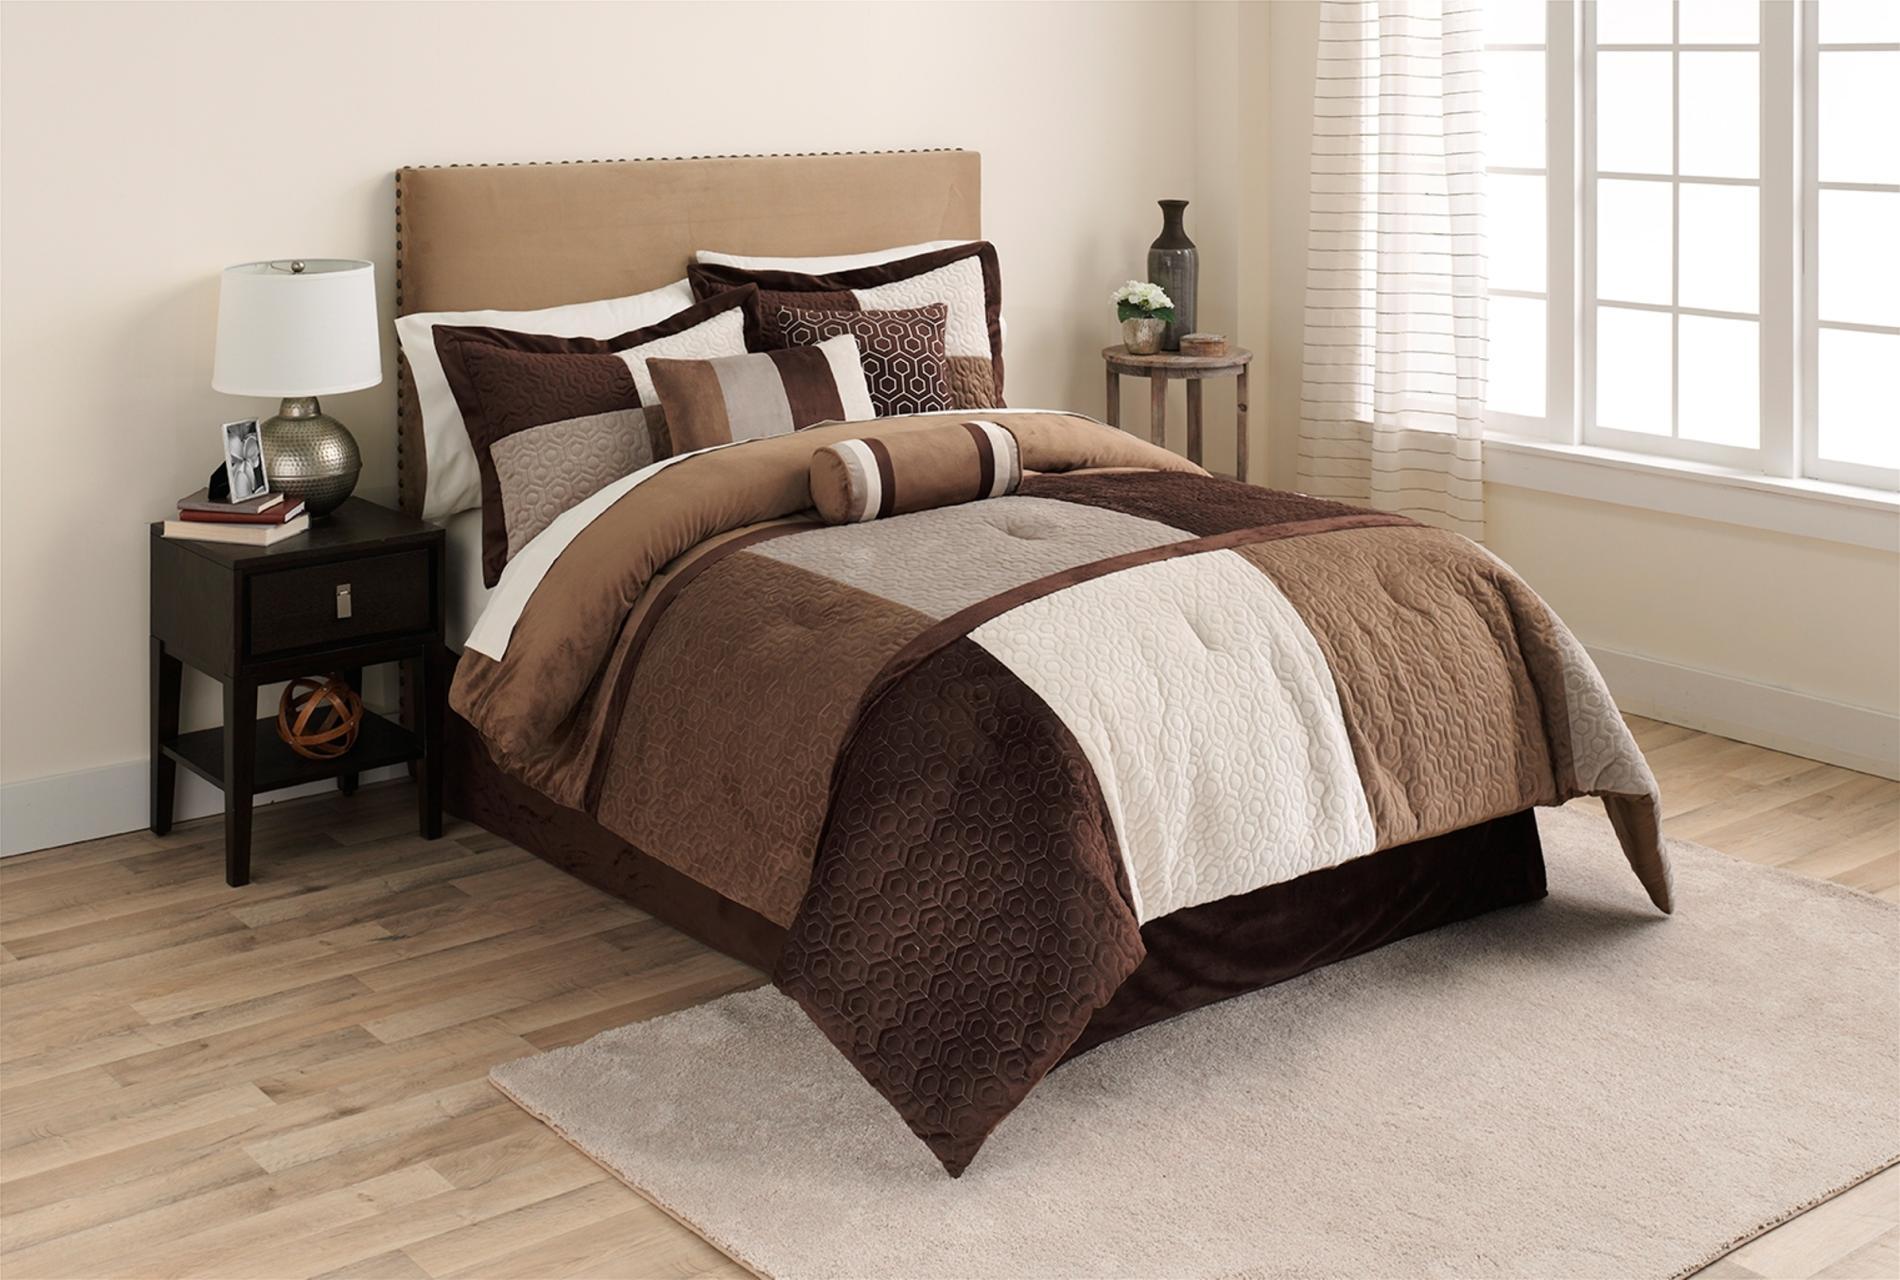 Microsuede Comforter Set